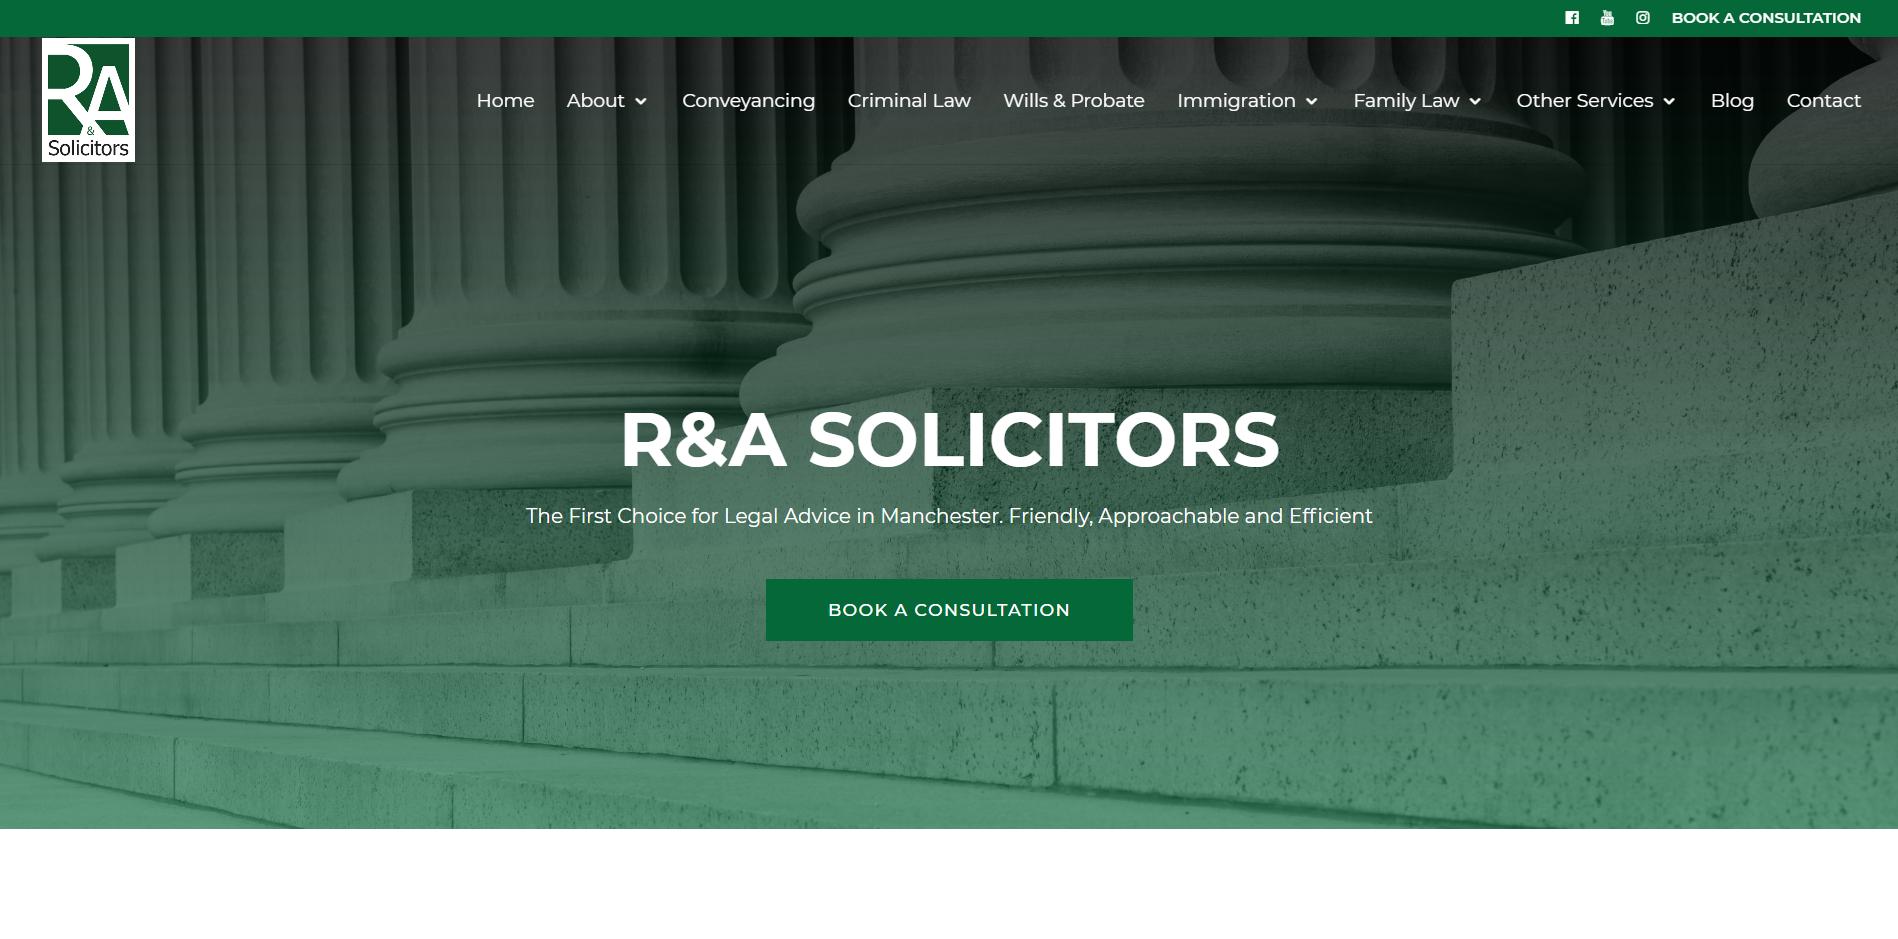 RA Solicitors